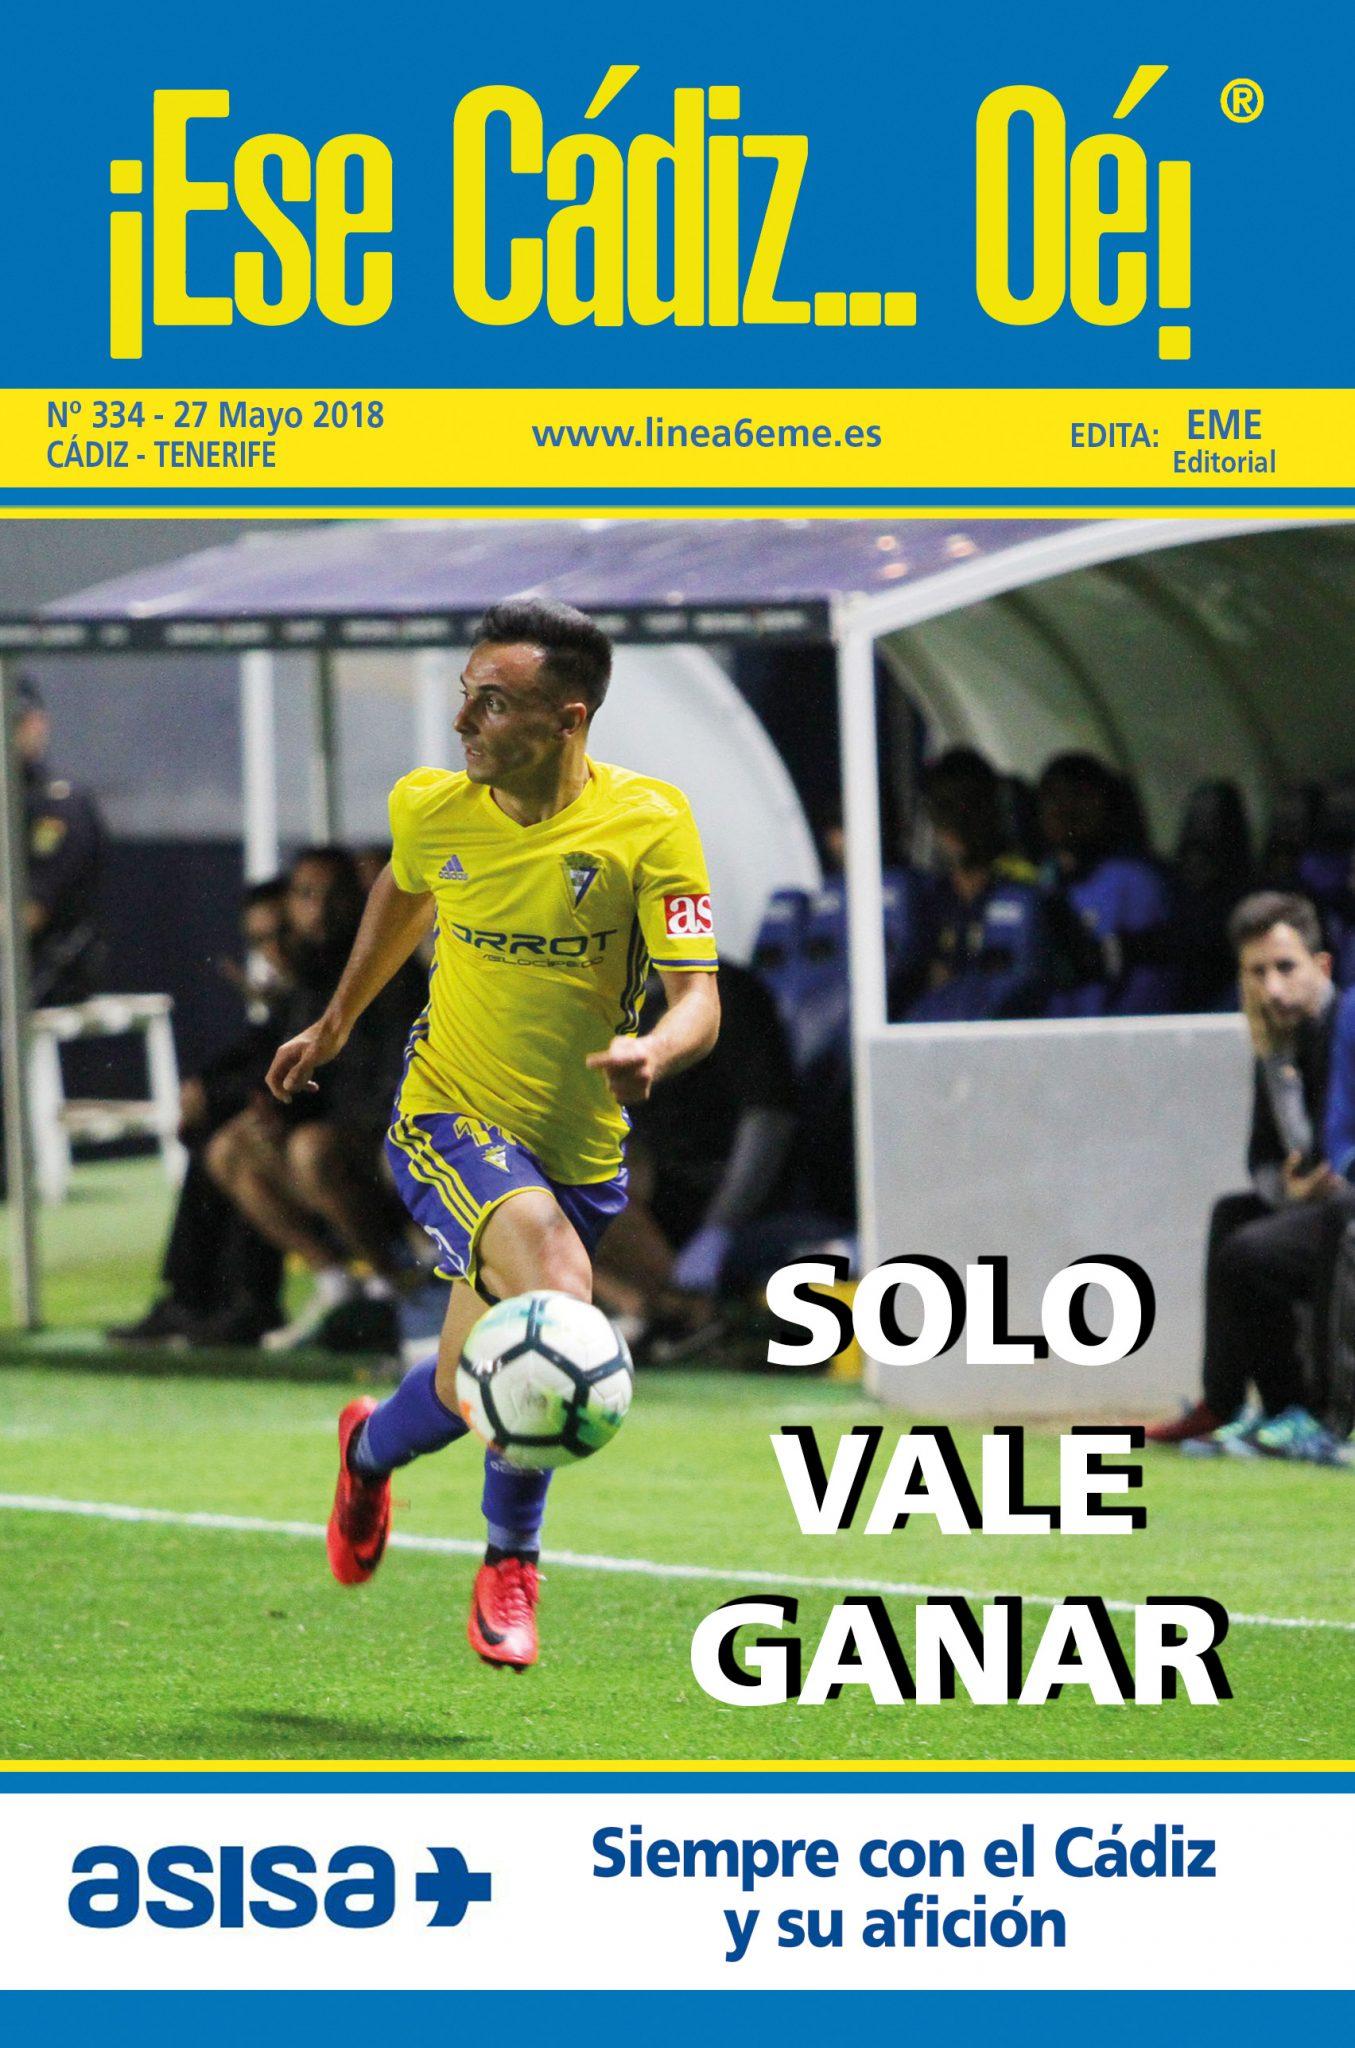 ¡Ese Cádiz…Oé! núm. 334 Temporada 2017/18